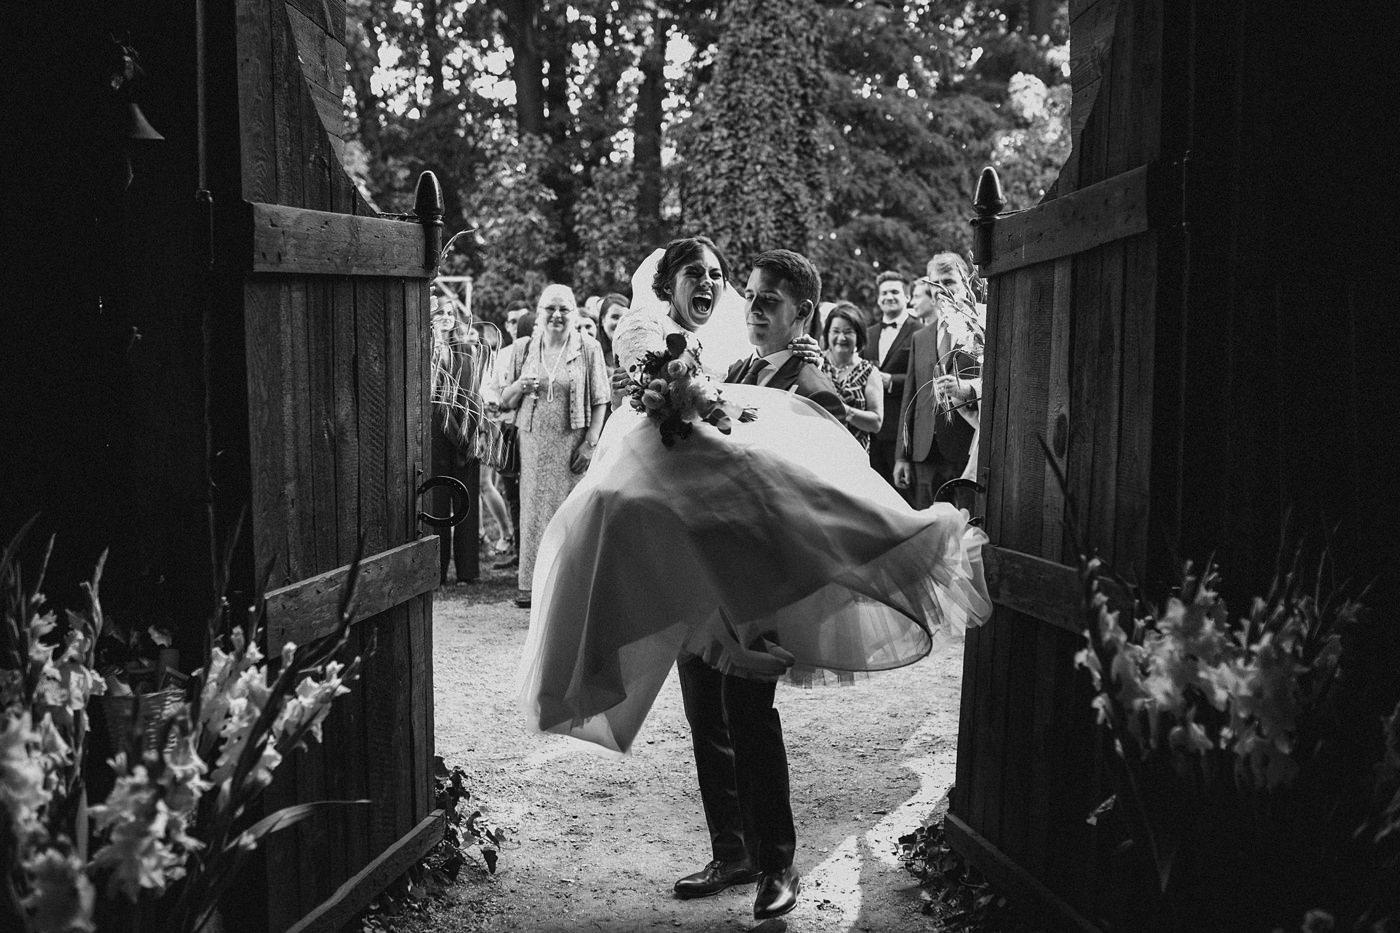 Dominika & Aleksander - Rustykalne wesele w stodole - Baborówko 97